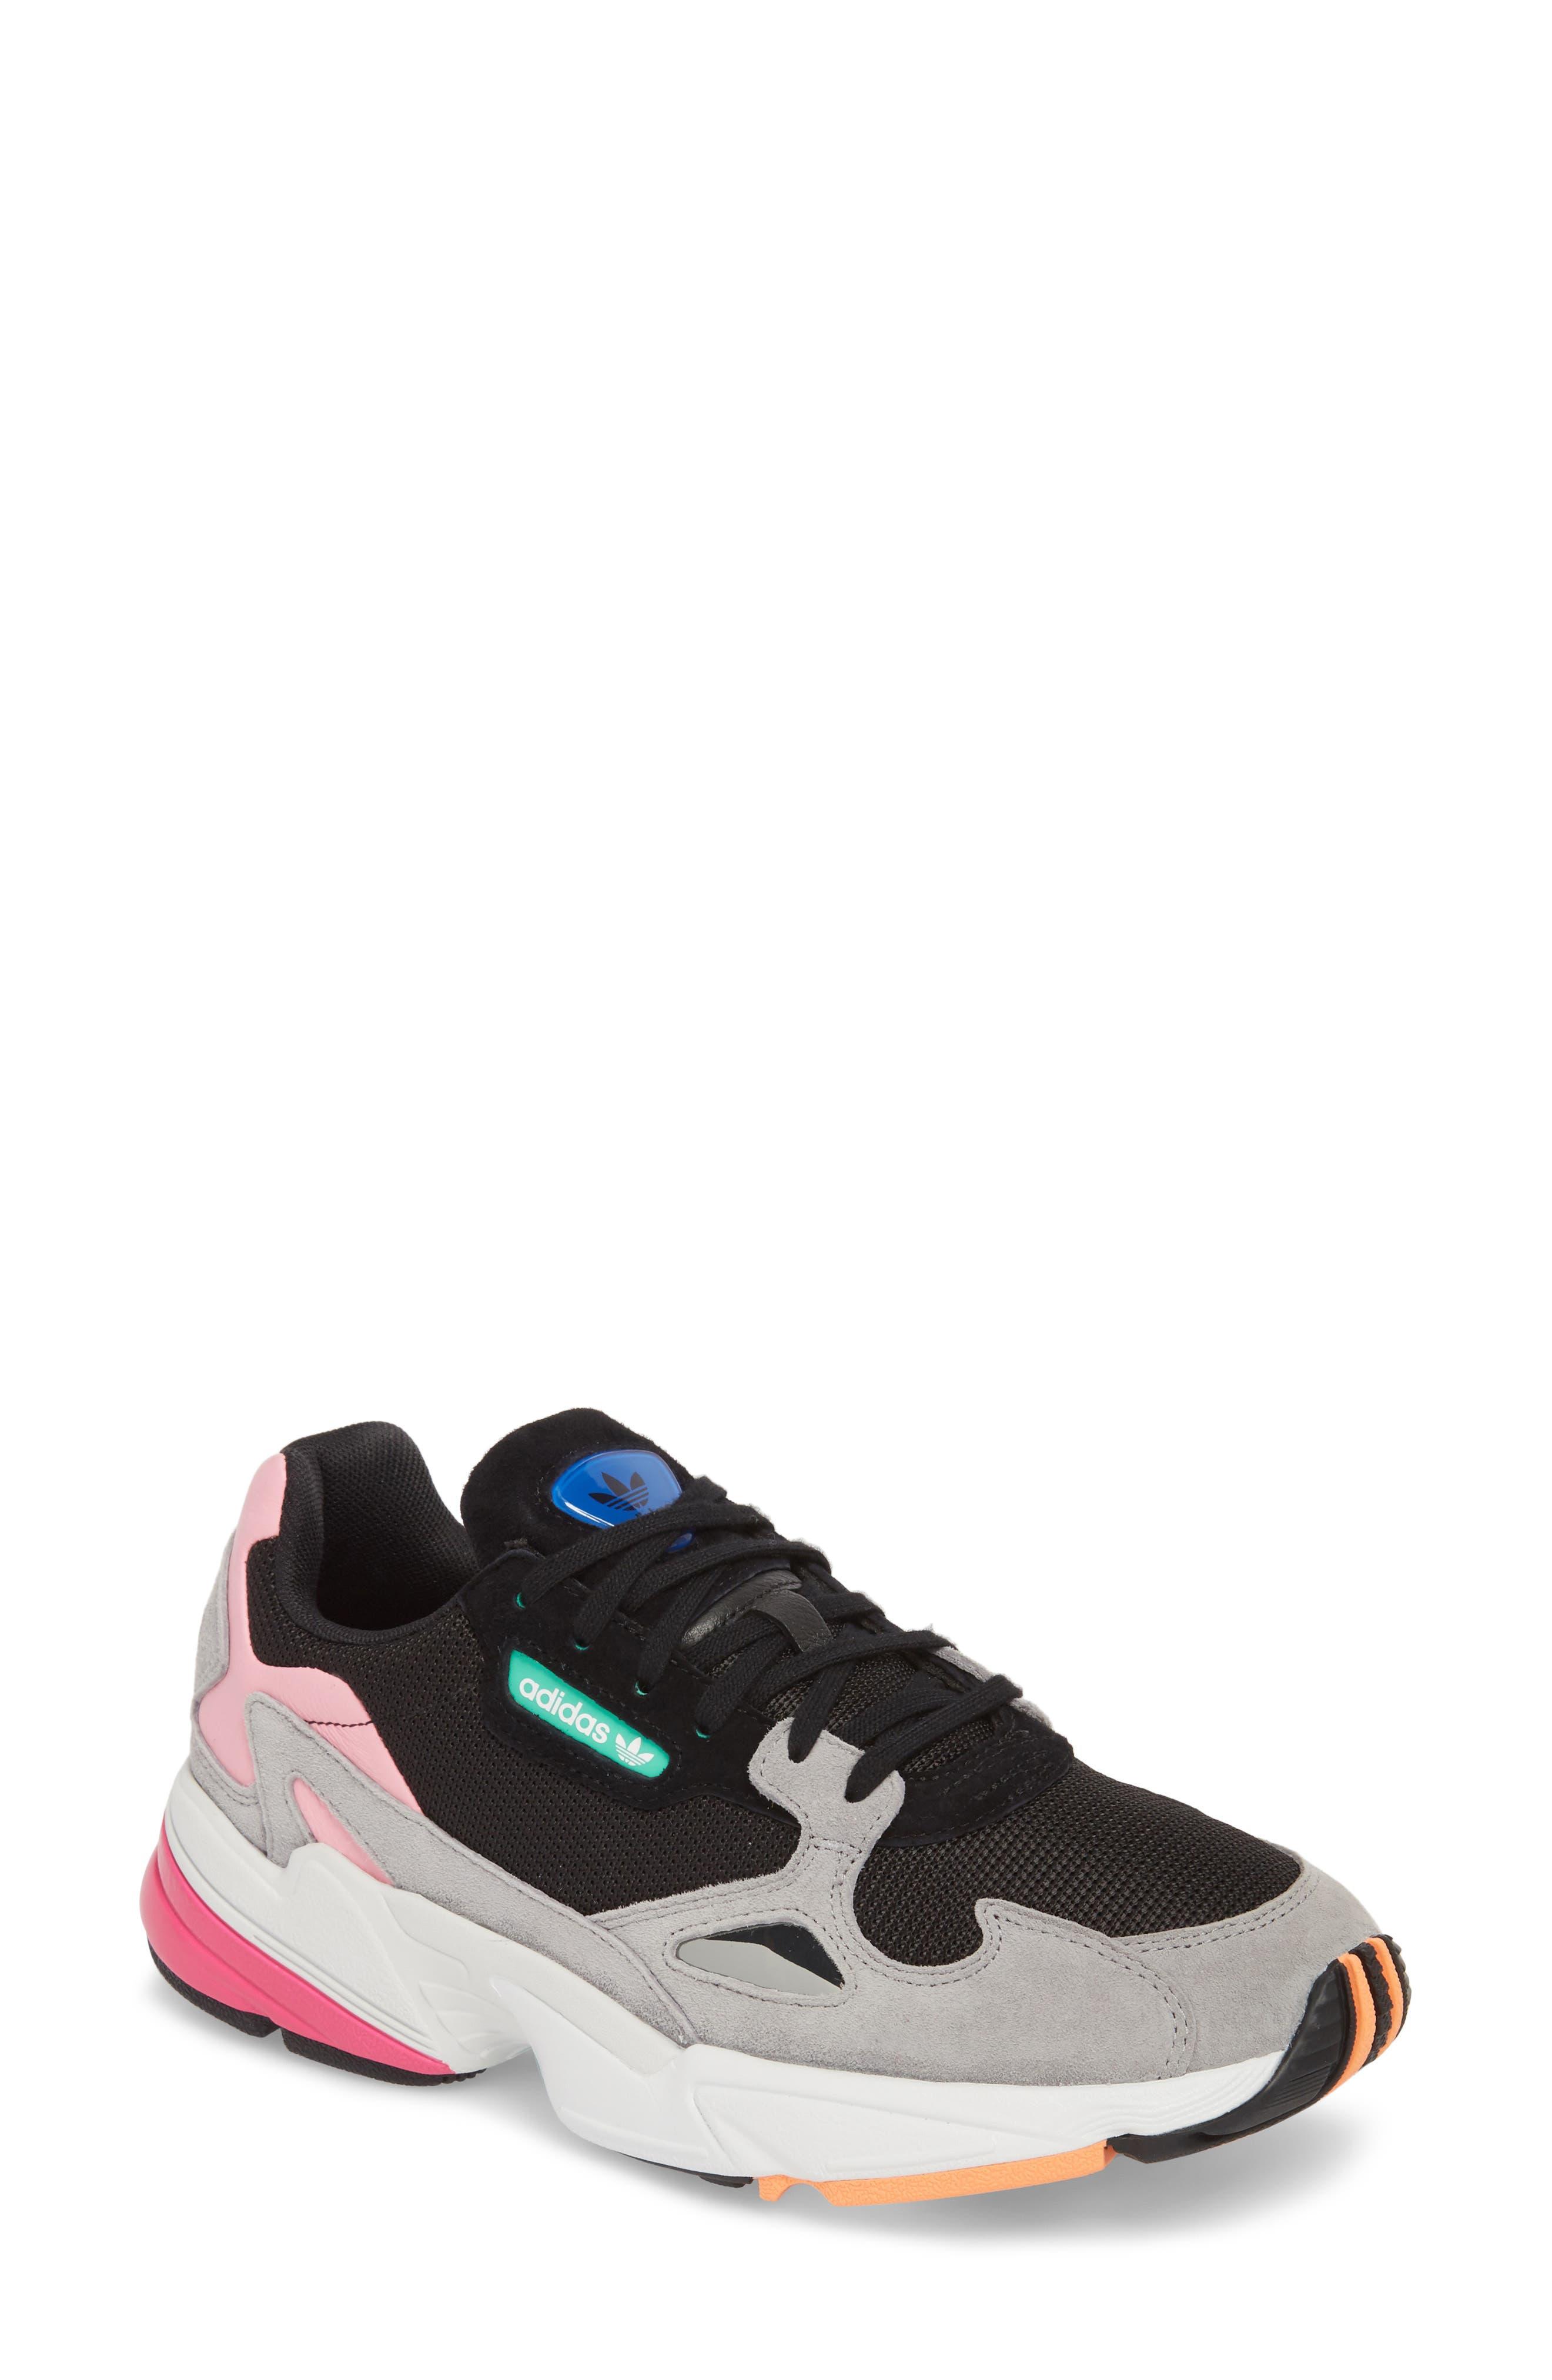 adidas Falcon Sneaker (Women) (Limited